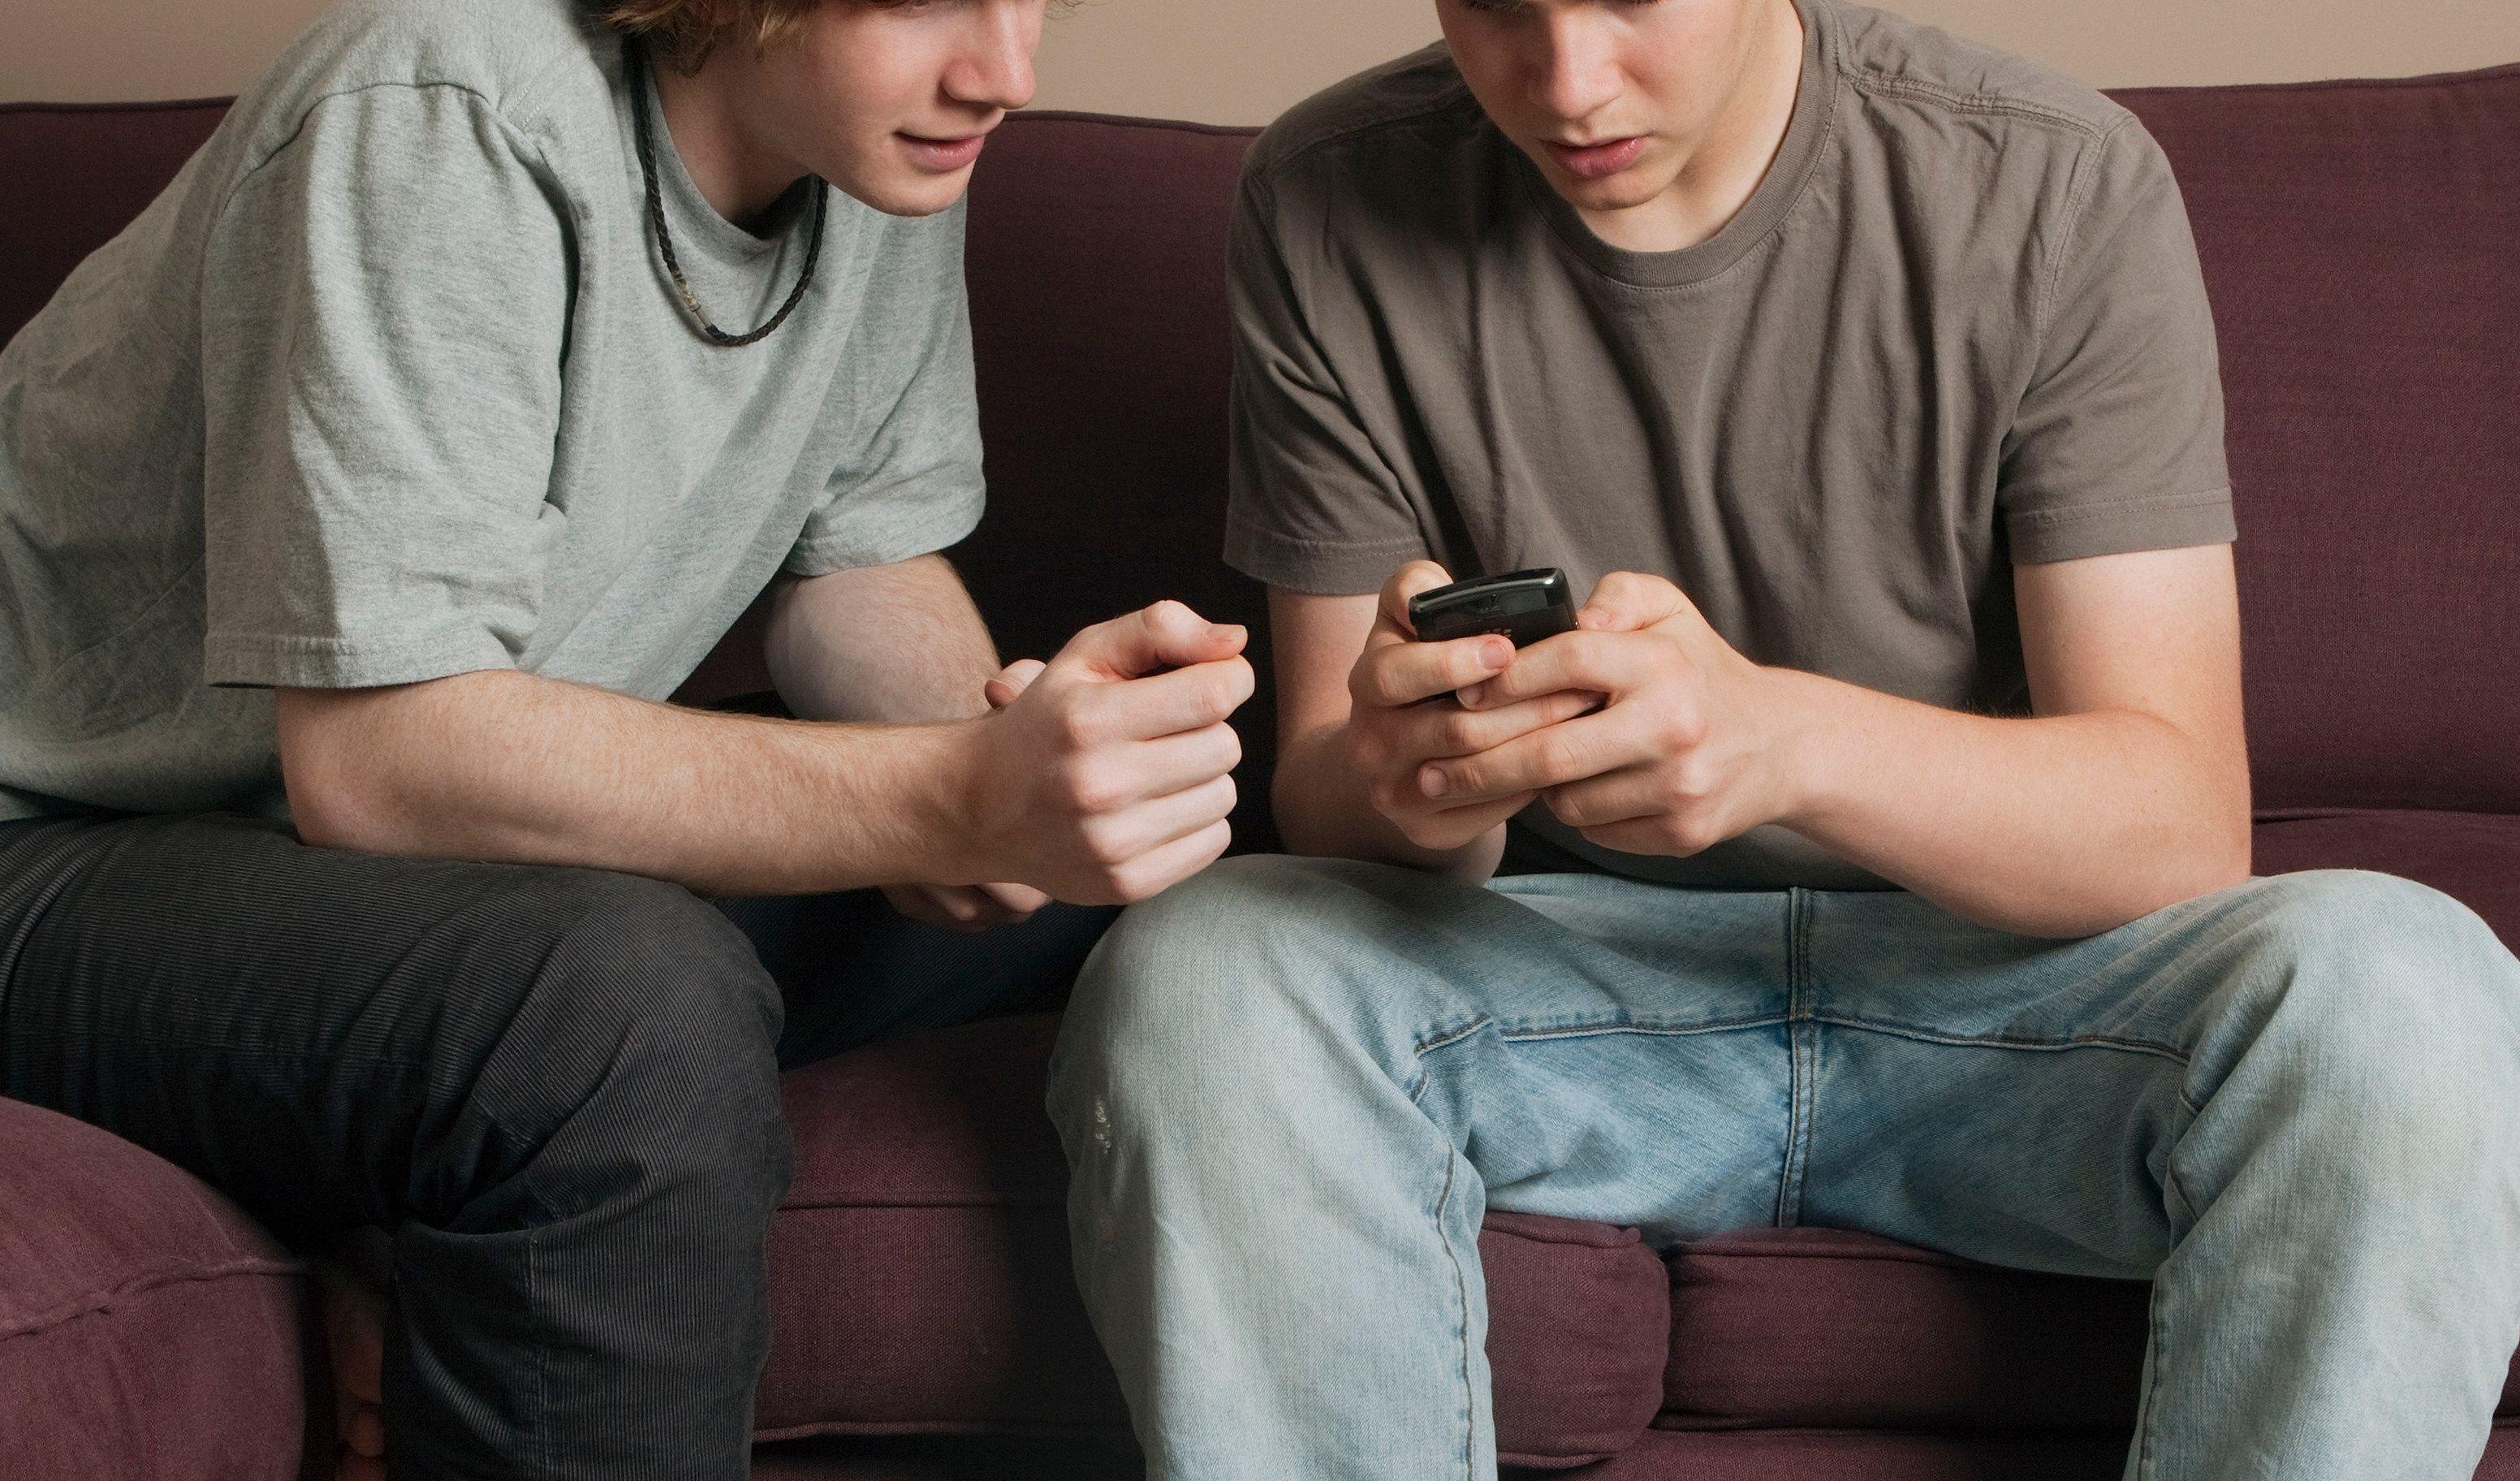 To gutter som ser på en telefon sammen.